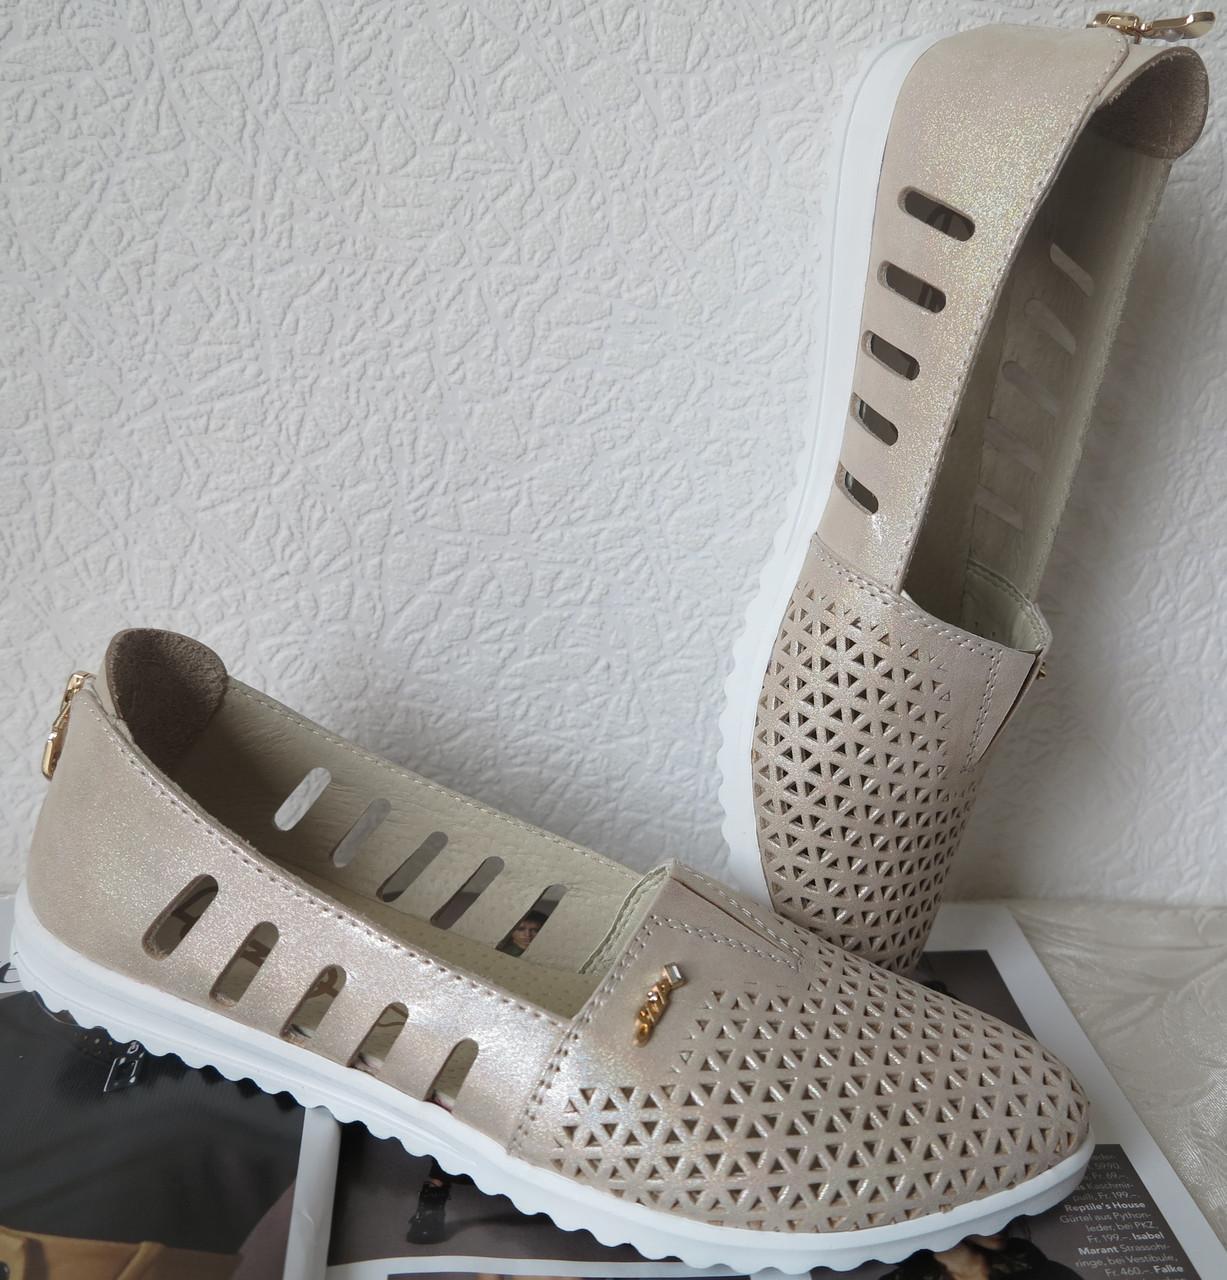 Slip! Жіночі туфлі-балетки перфорація натуральна шкіра літо